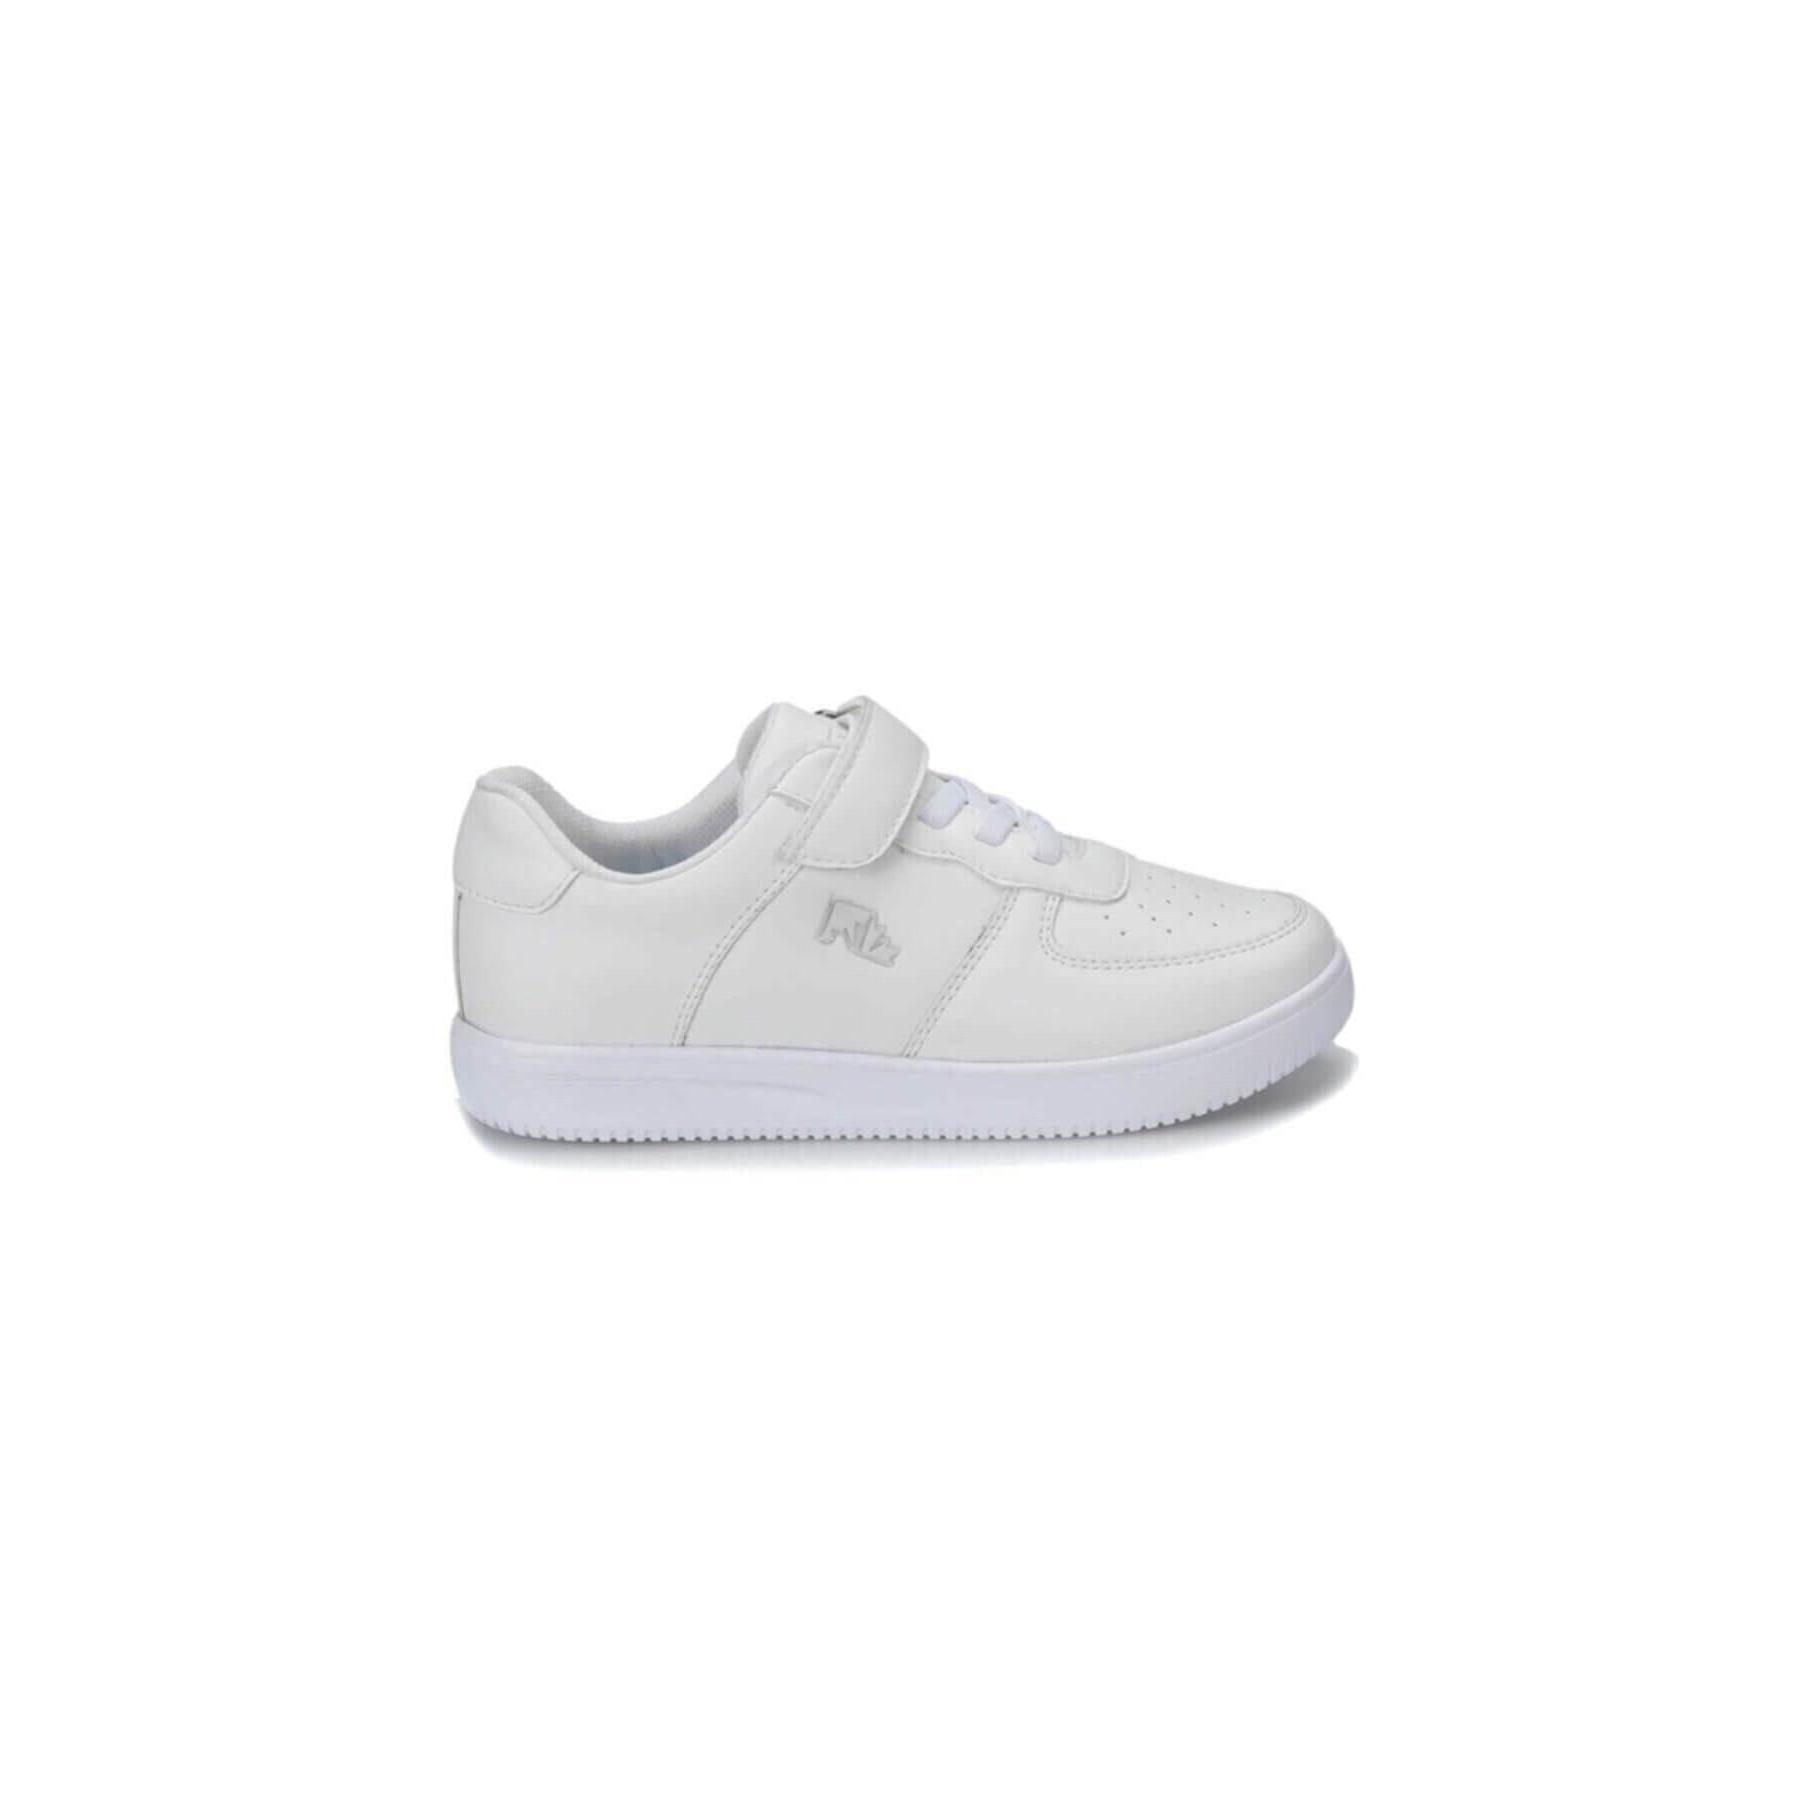 Finster Çocuk Beyaz Spor Ayakkabı (101016217)